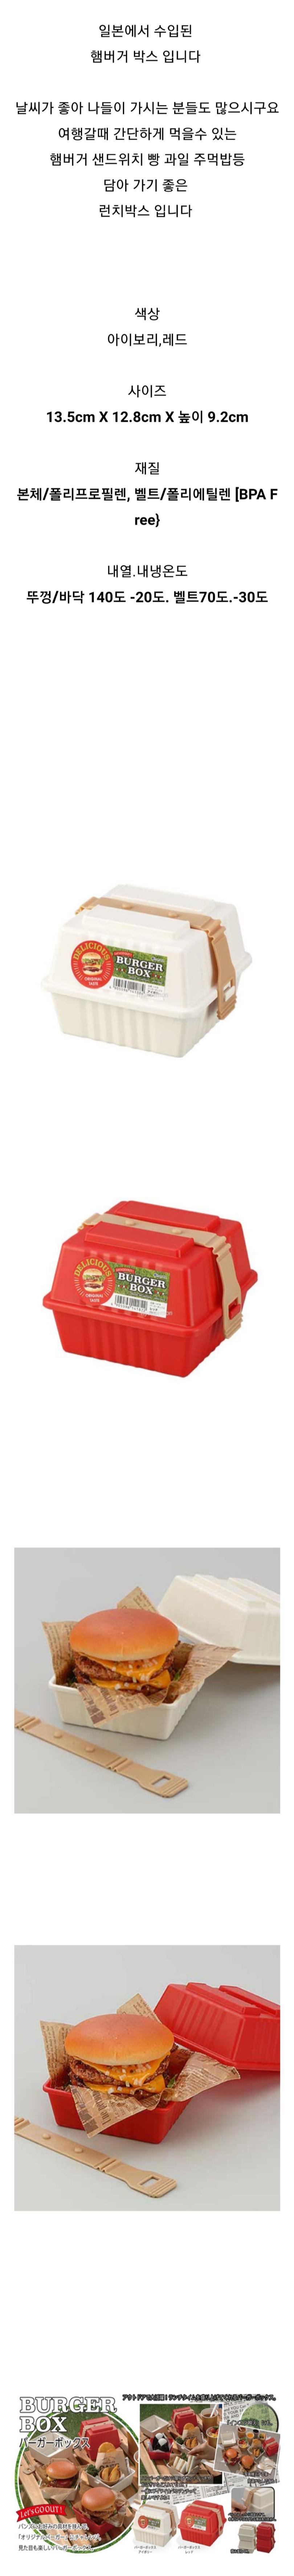 일본 햄버거 도시락통 소풍 런치박스 - 베이비글, 4,800원, 피크닉도시락/식기, 피크닉도시락통